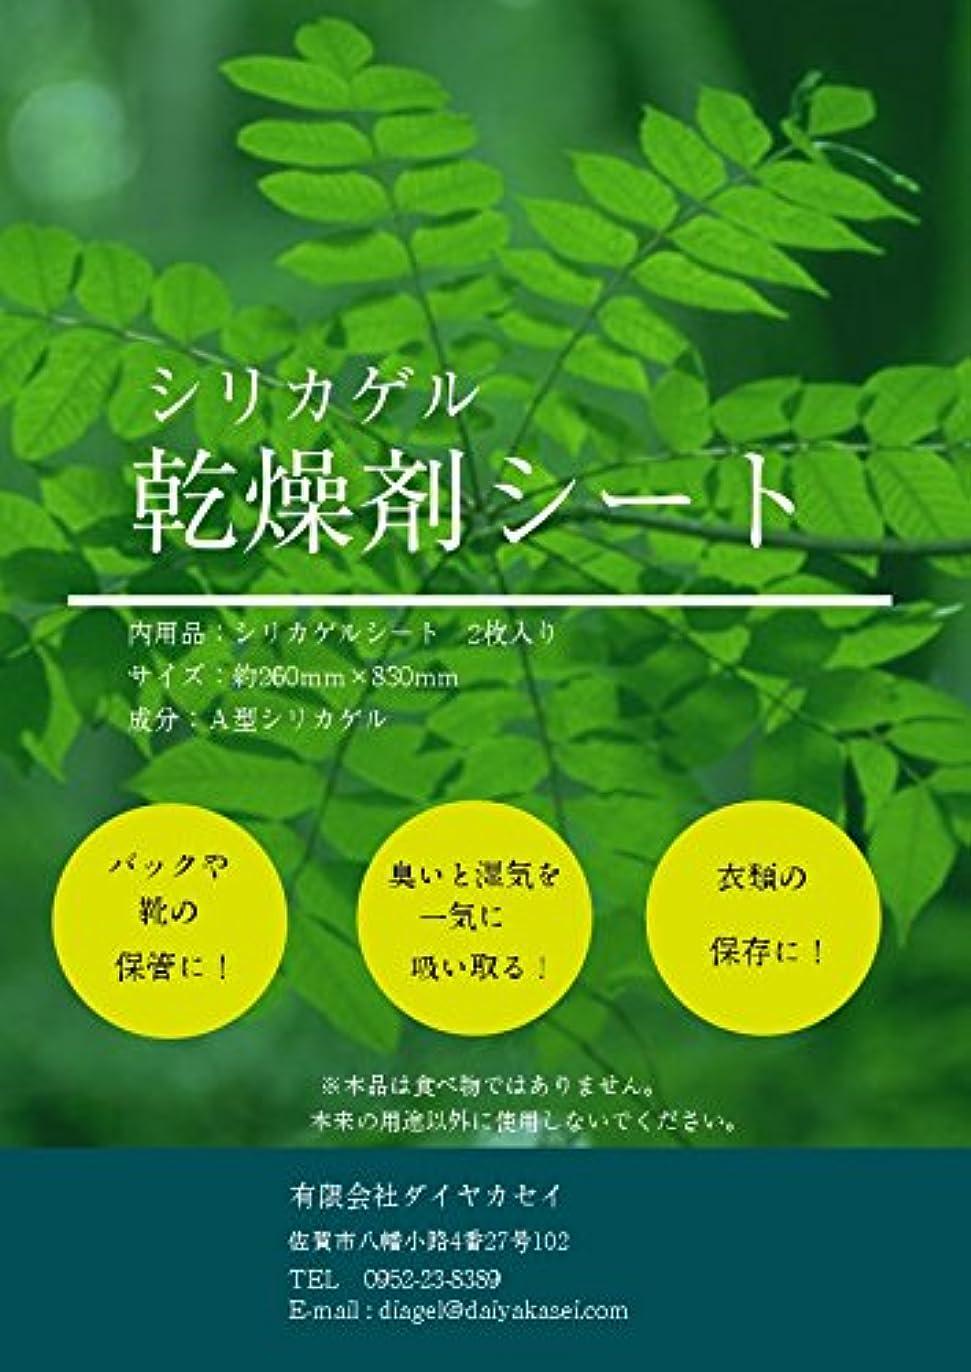 歯痛労働者薬シリカゲル乾燥剤シート(2枚入り)